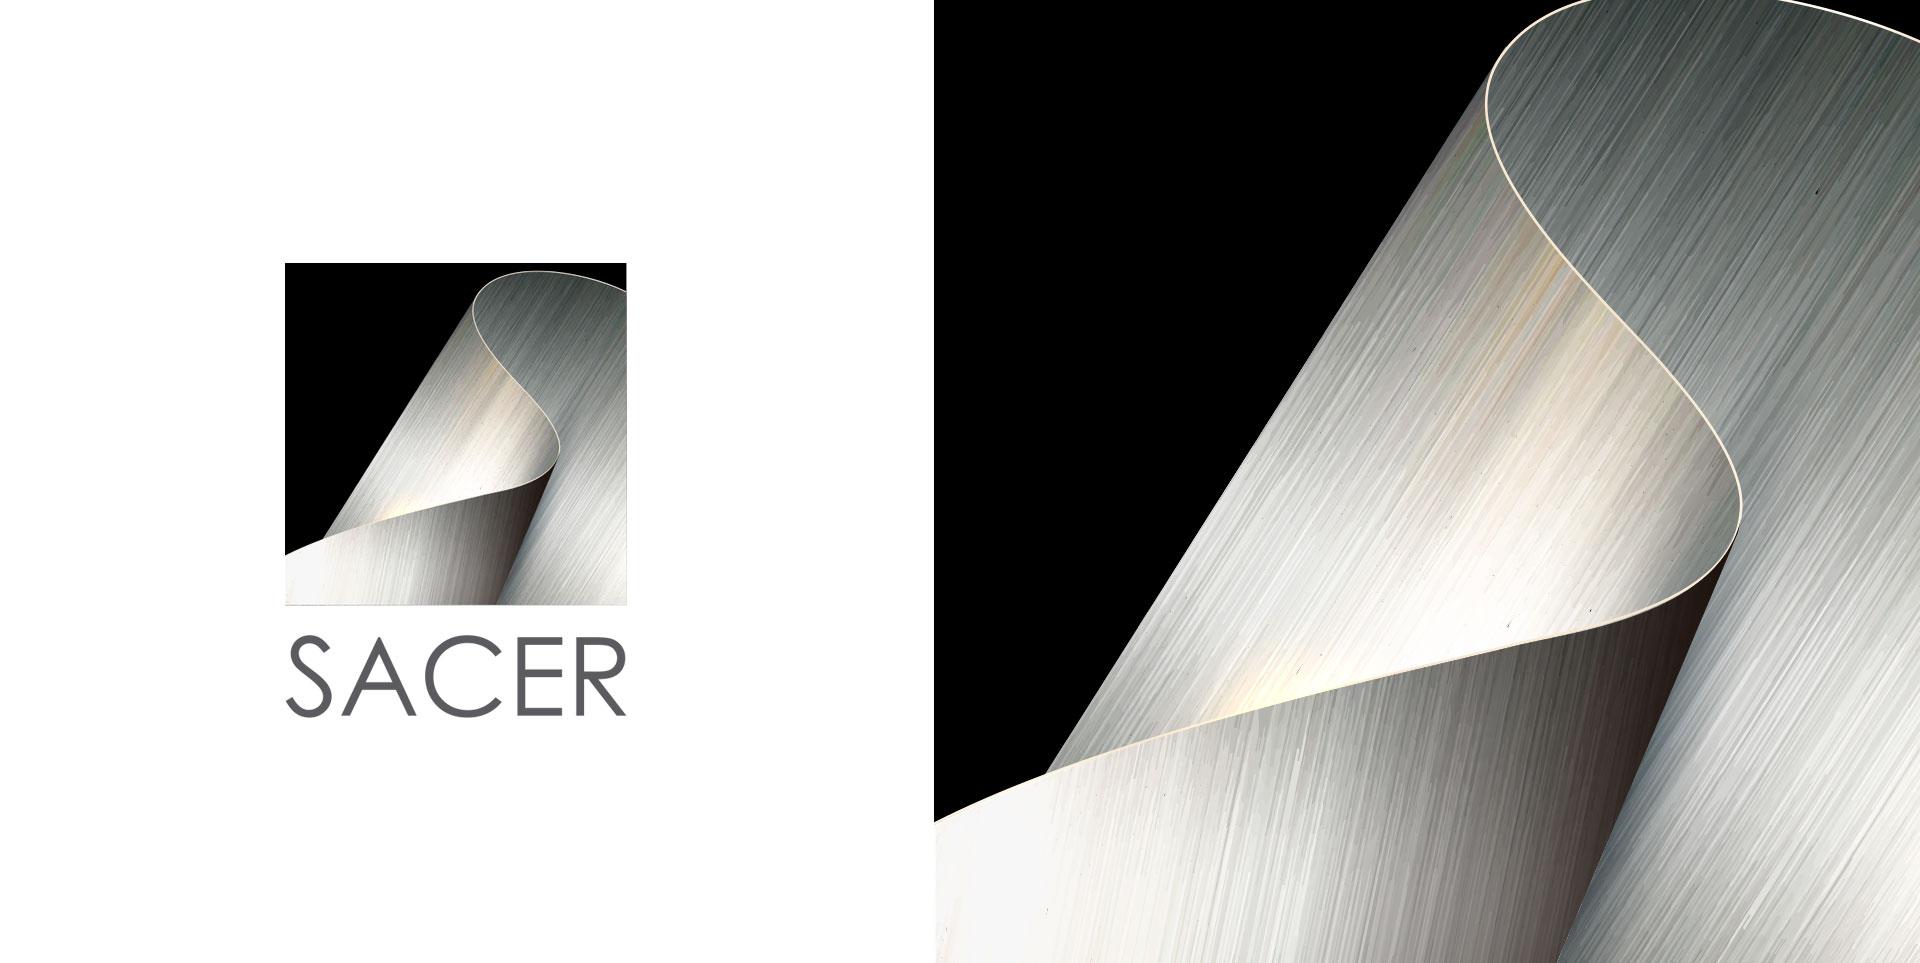 sacer-marca-001